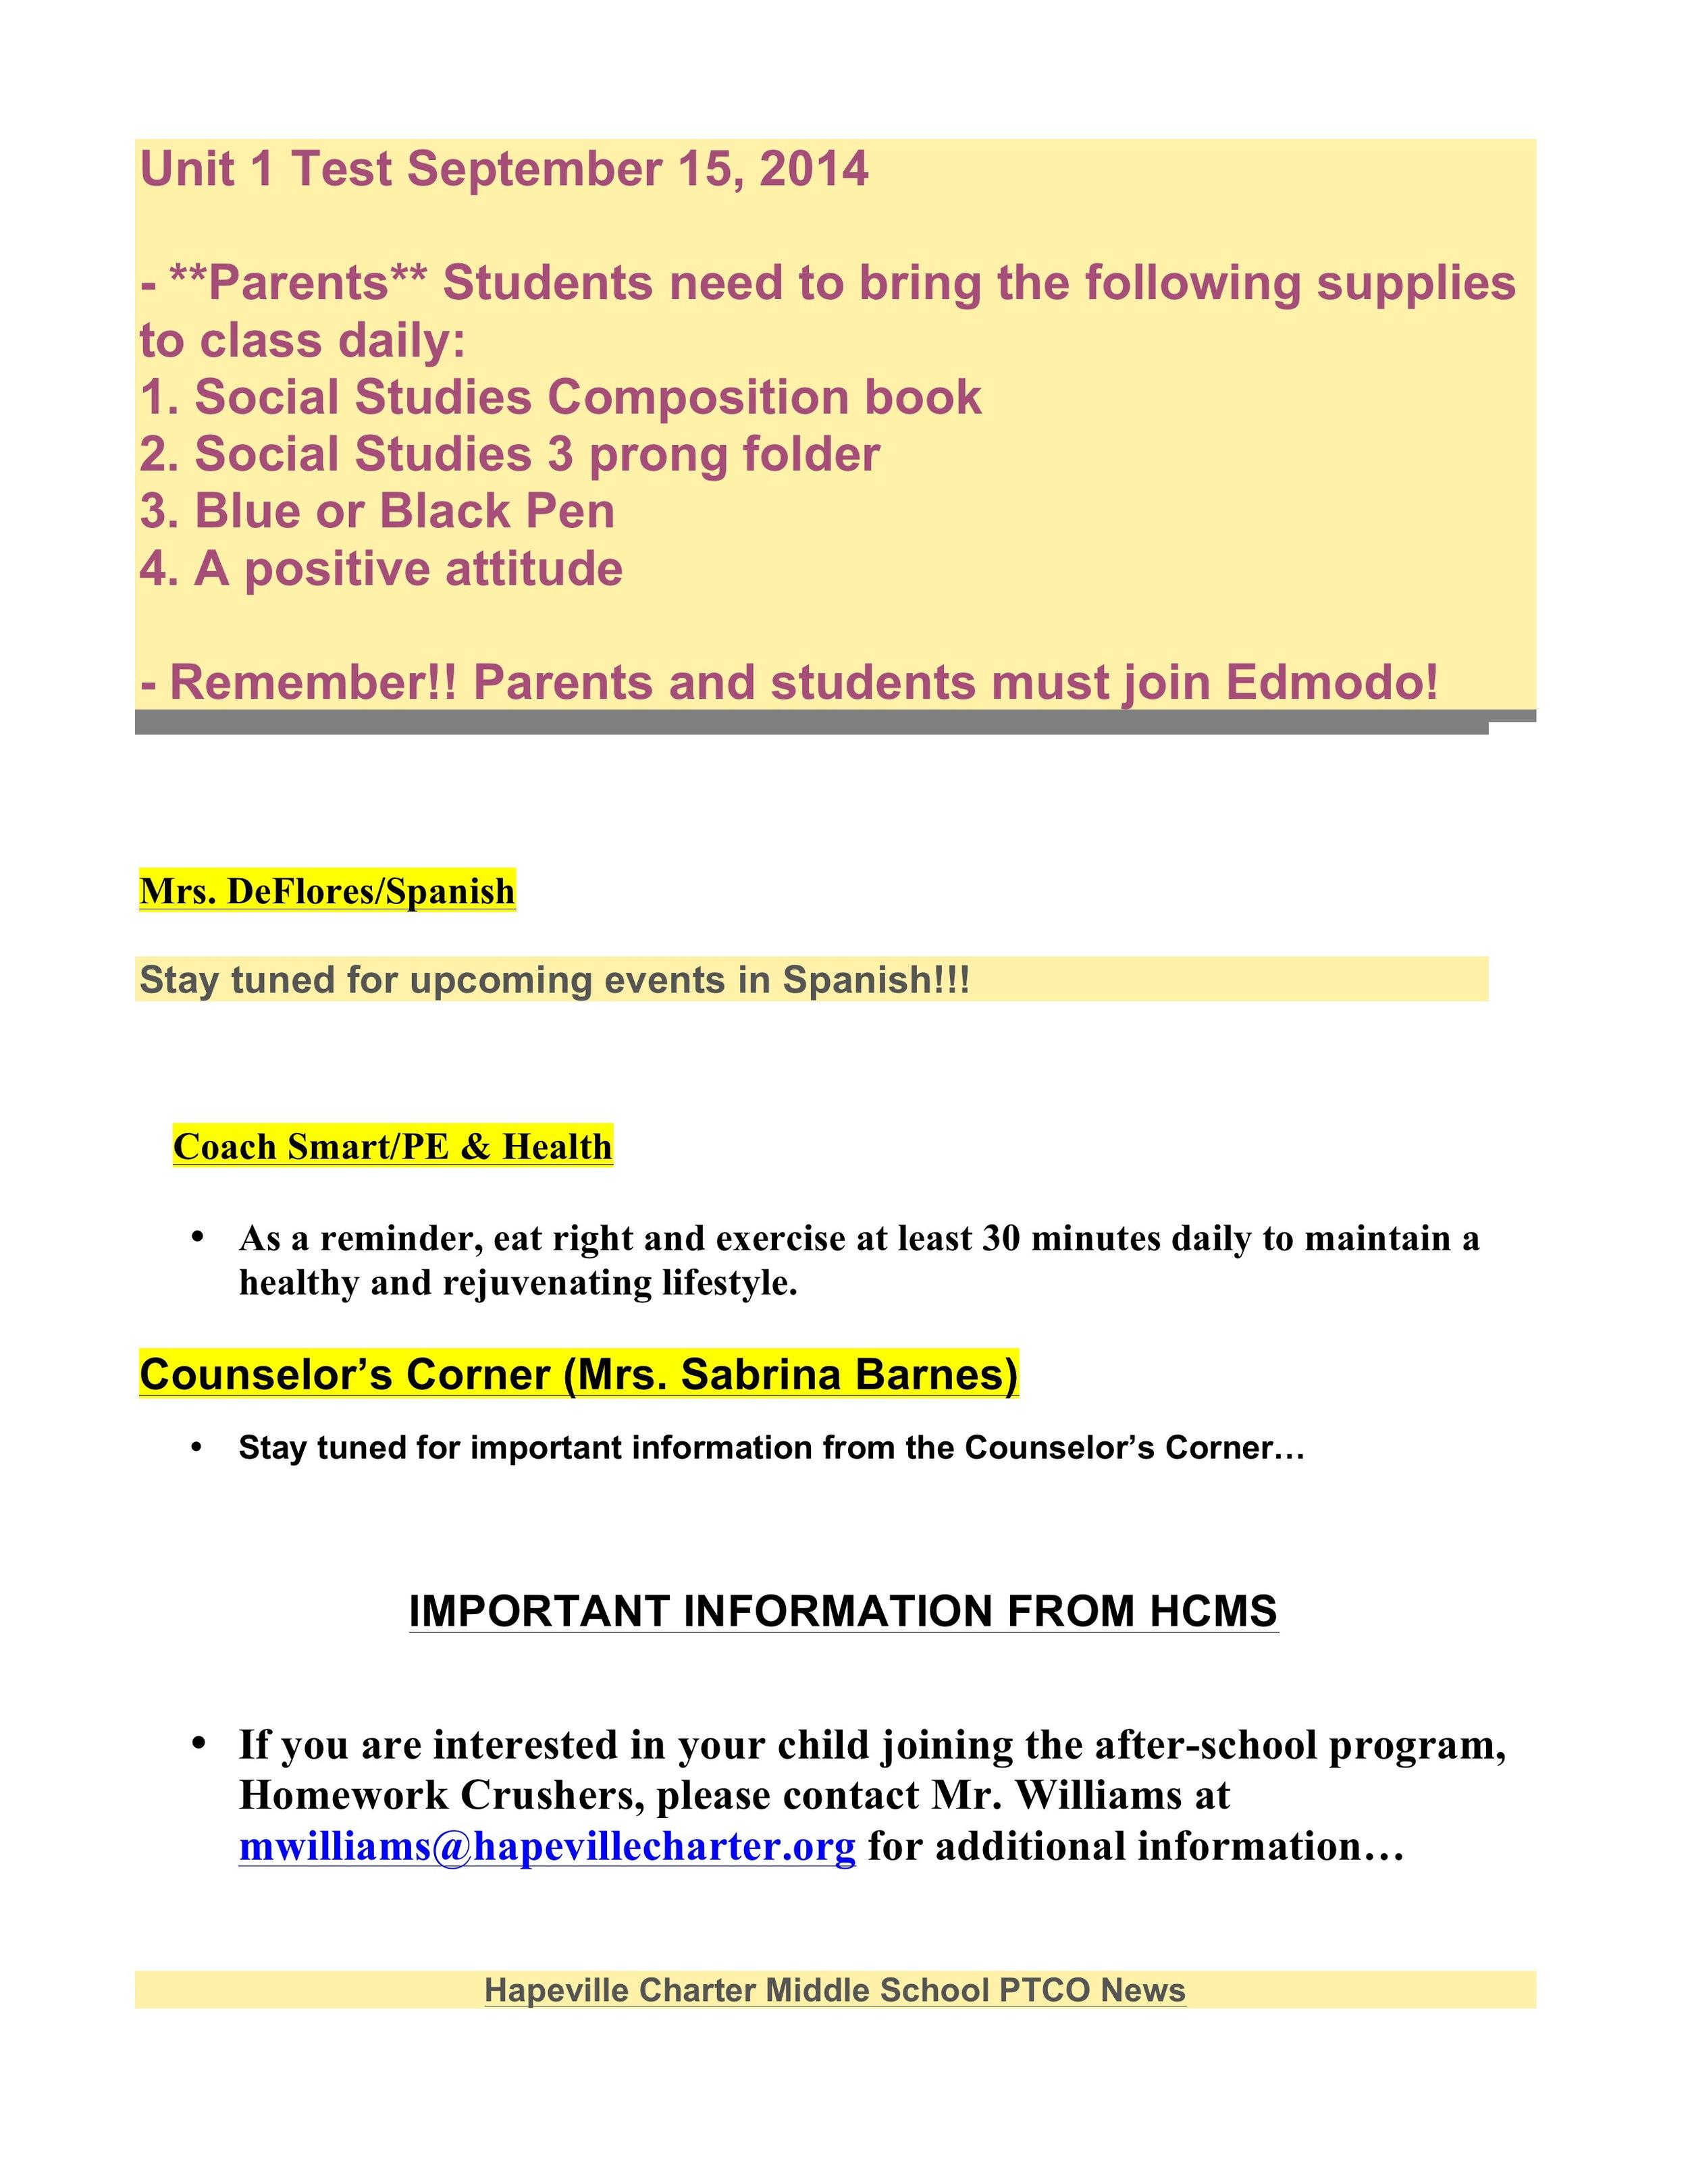 Newsletter Image7th grade sept 8-12 2014 3.jpeg